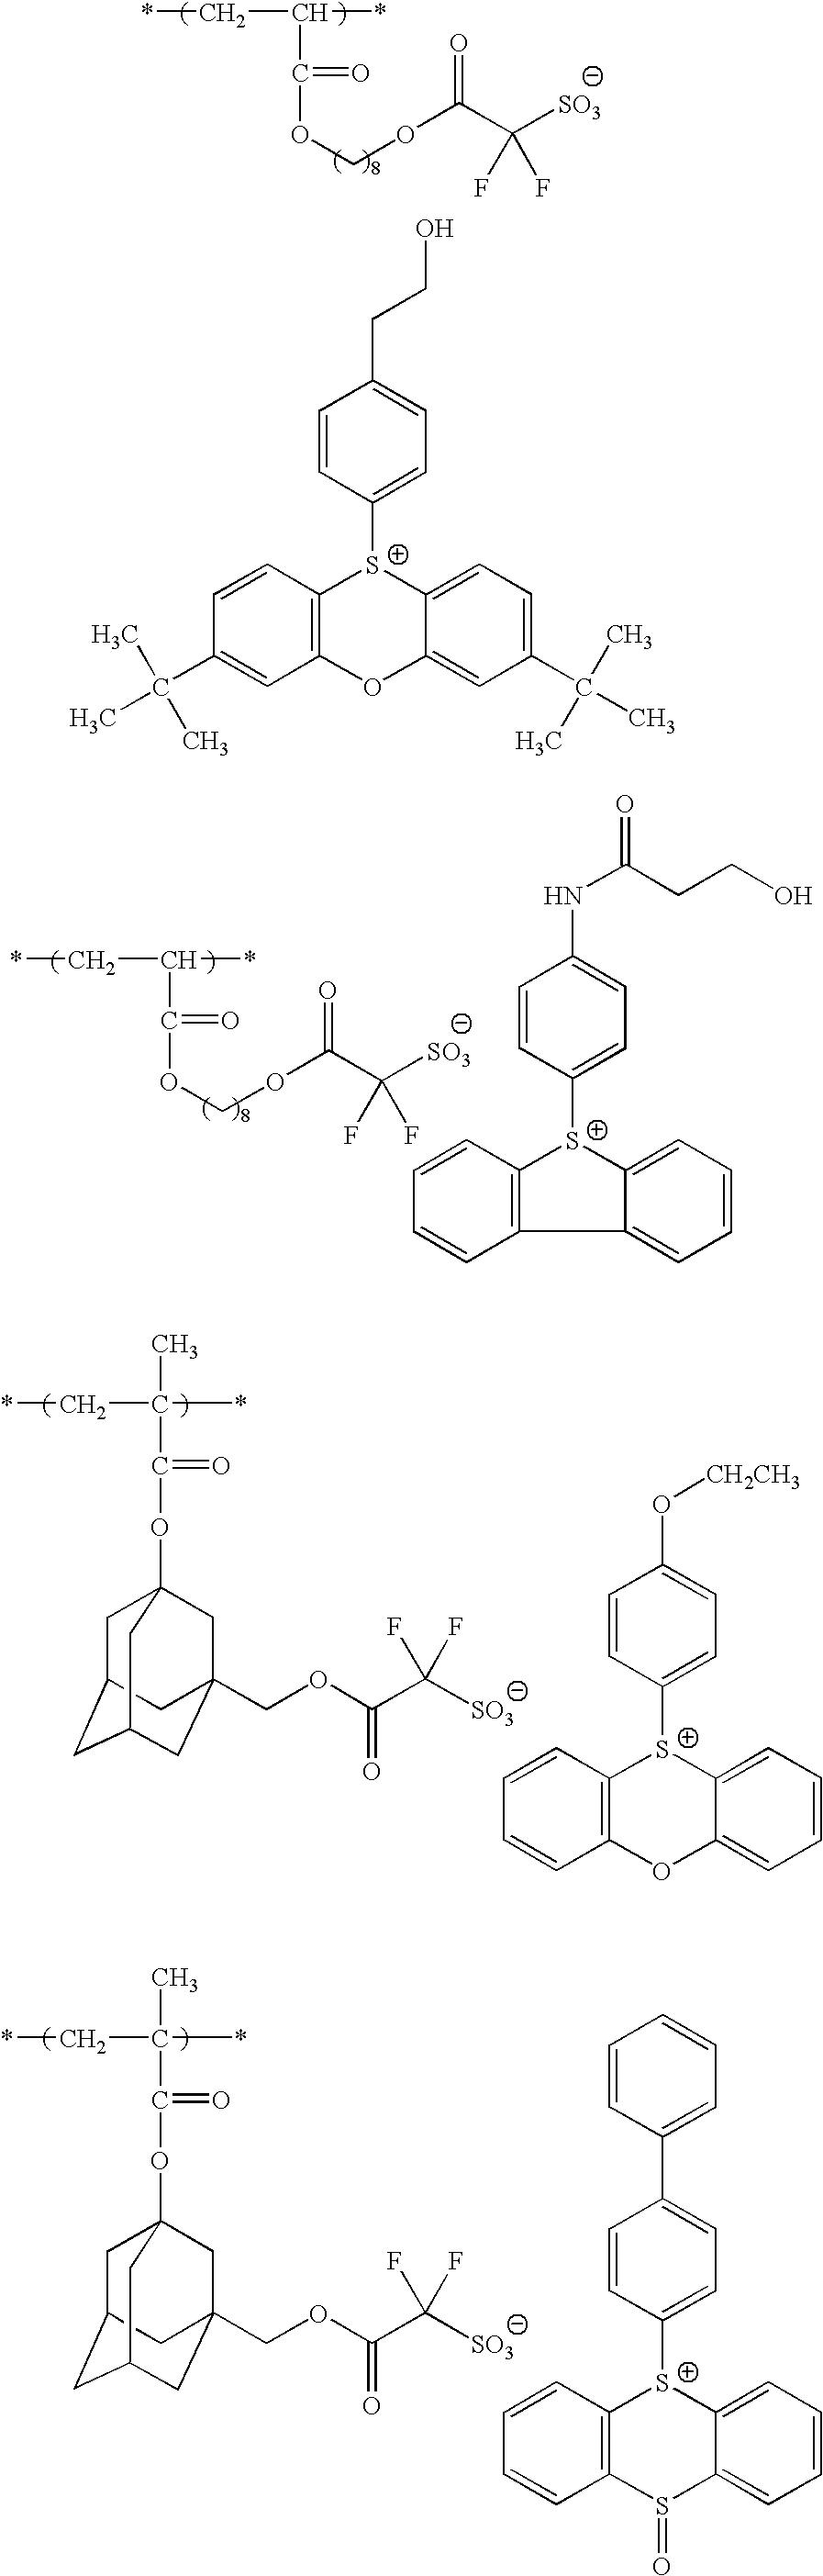 Figure US20100183975A1-20100722-C00068